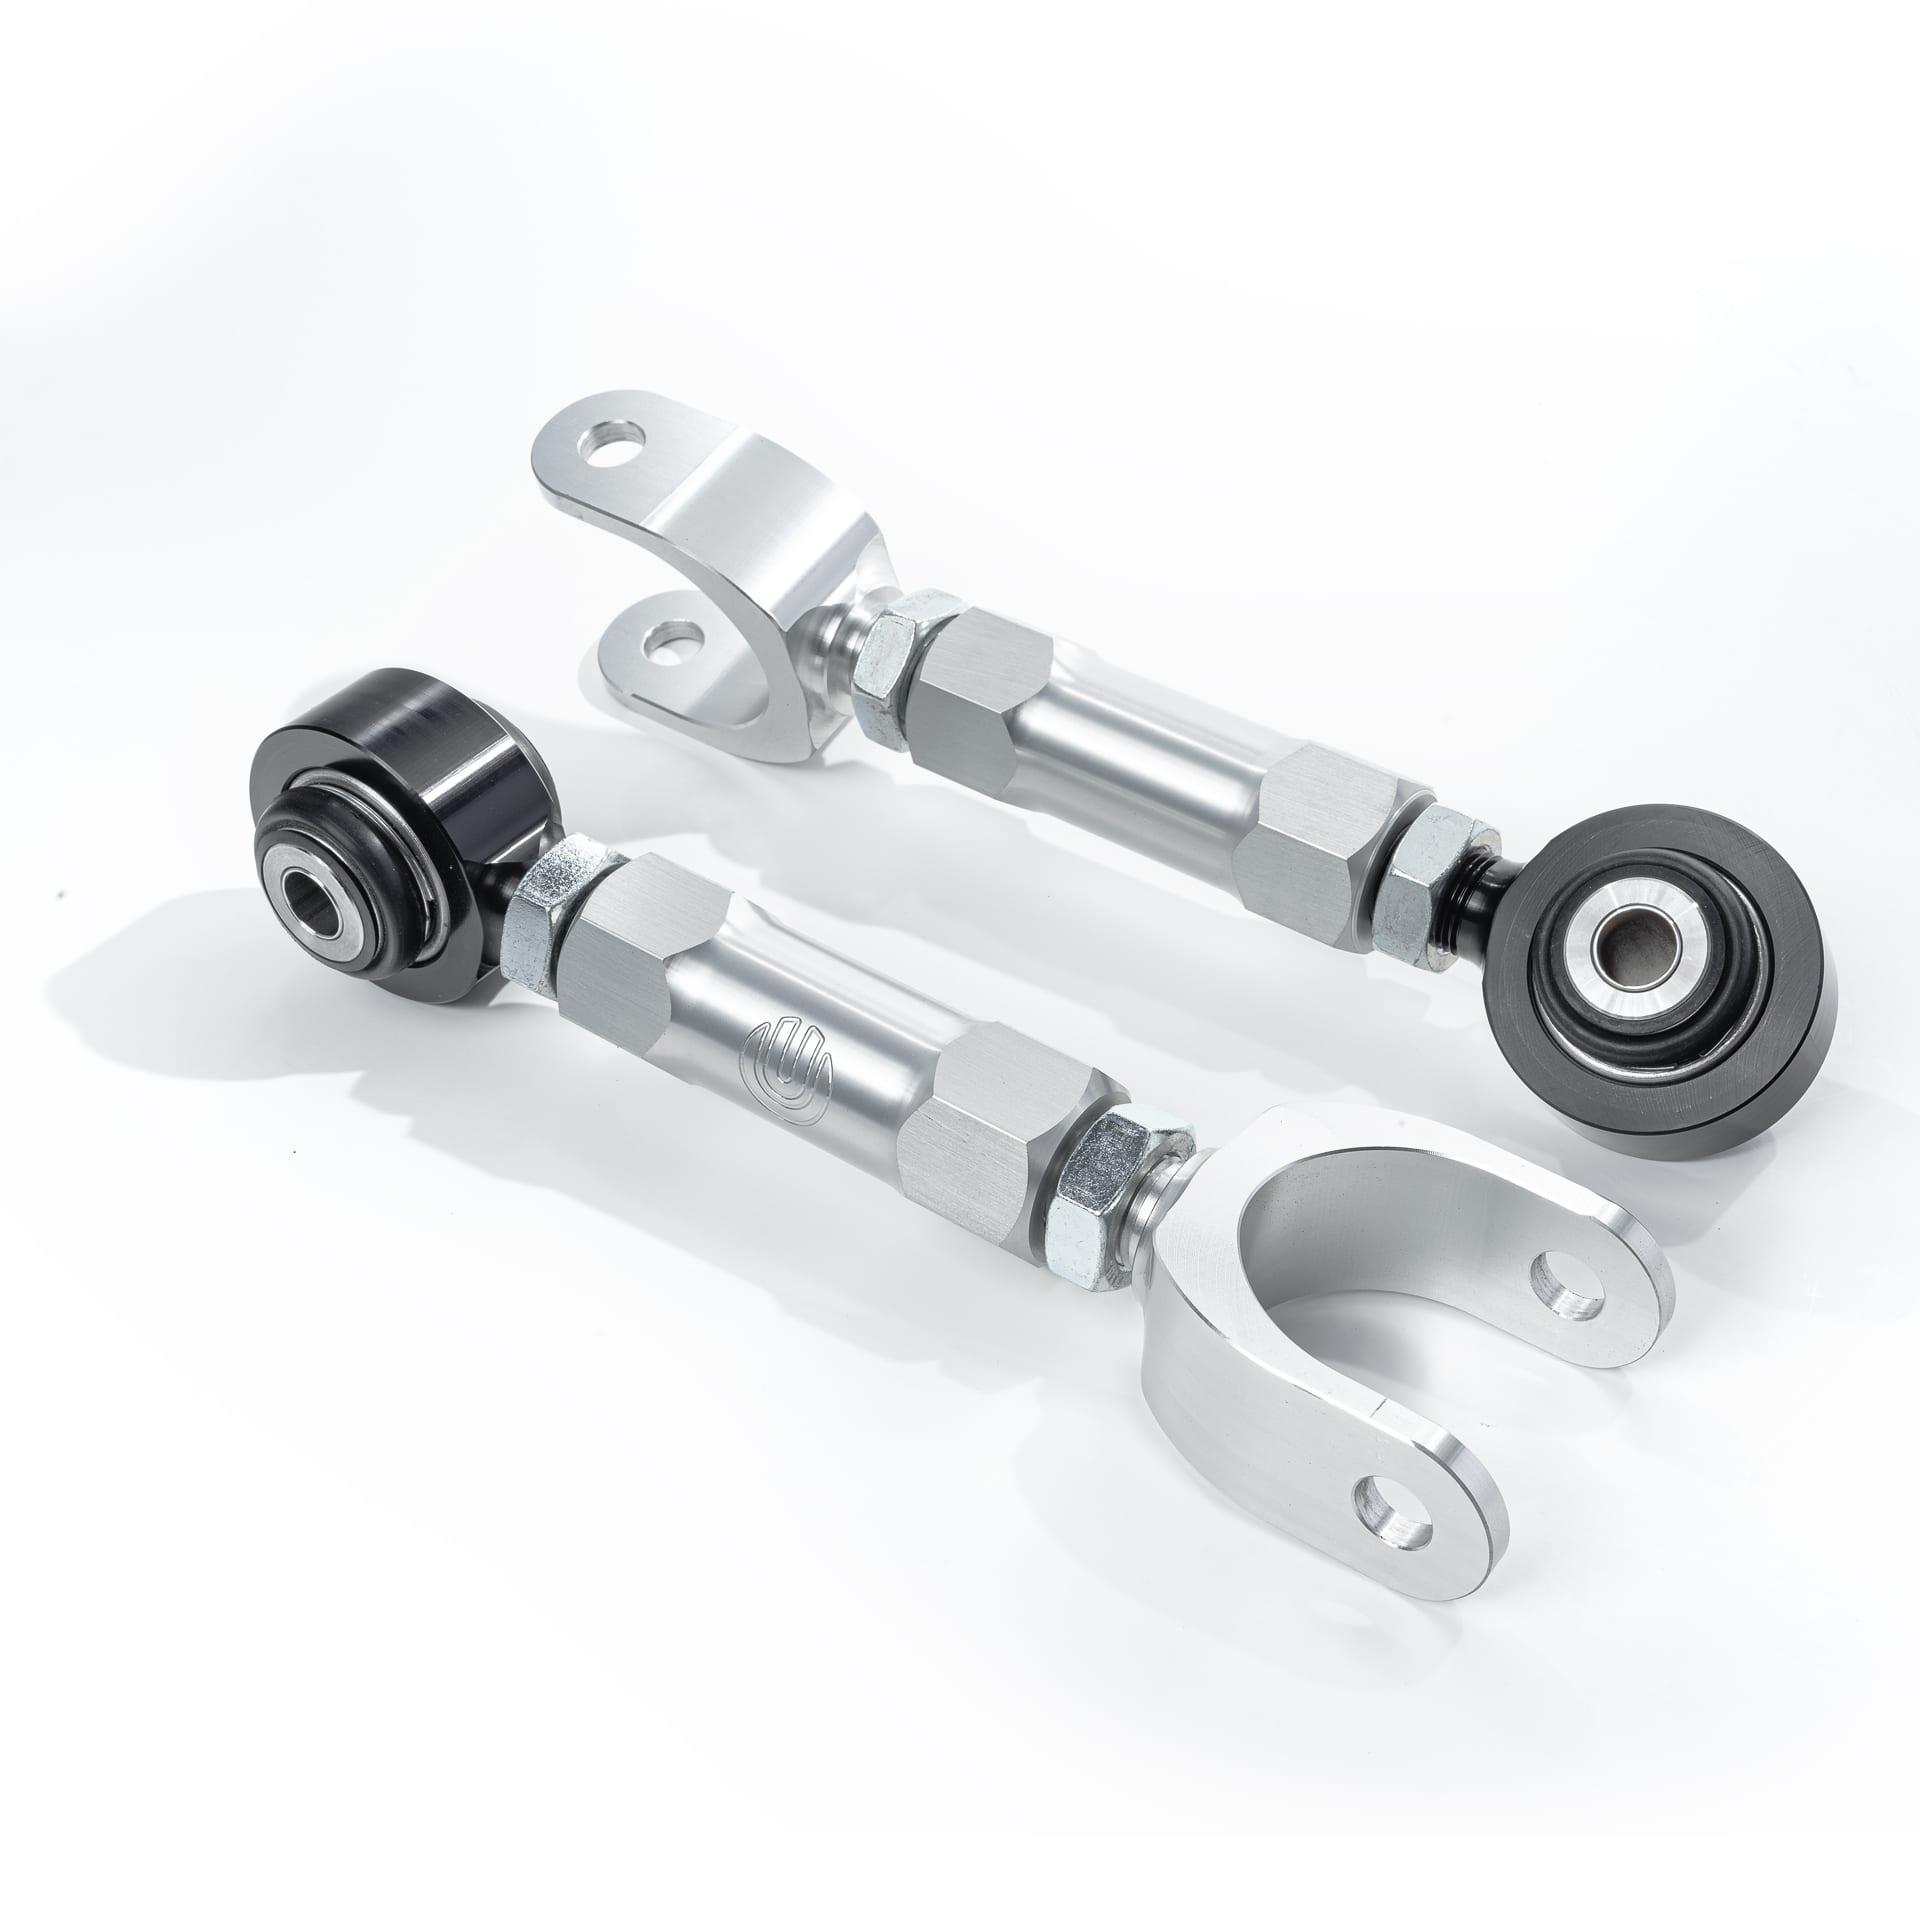 Billet Adjustable Rear Toe Arm Set for Tesla Model 3